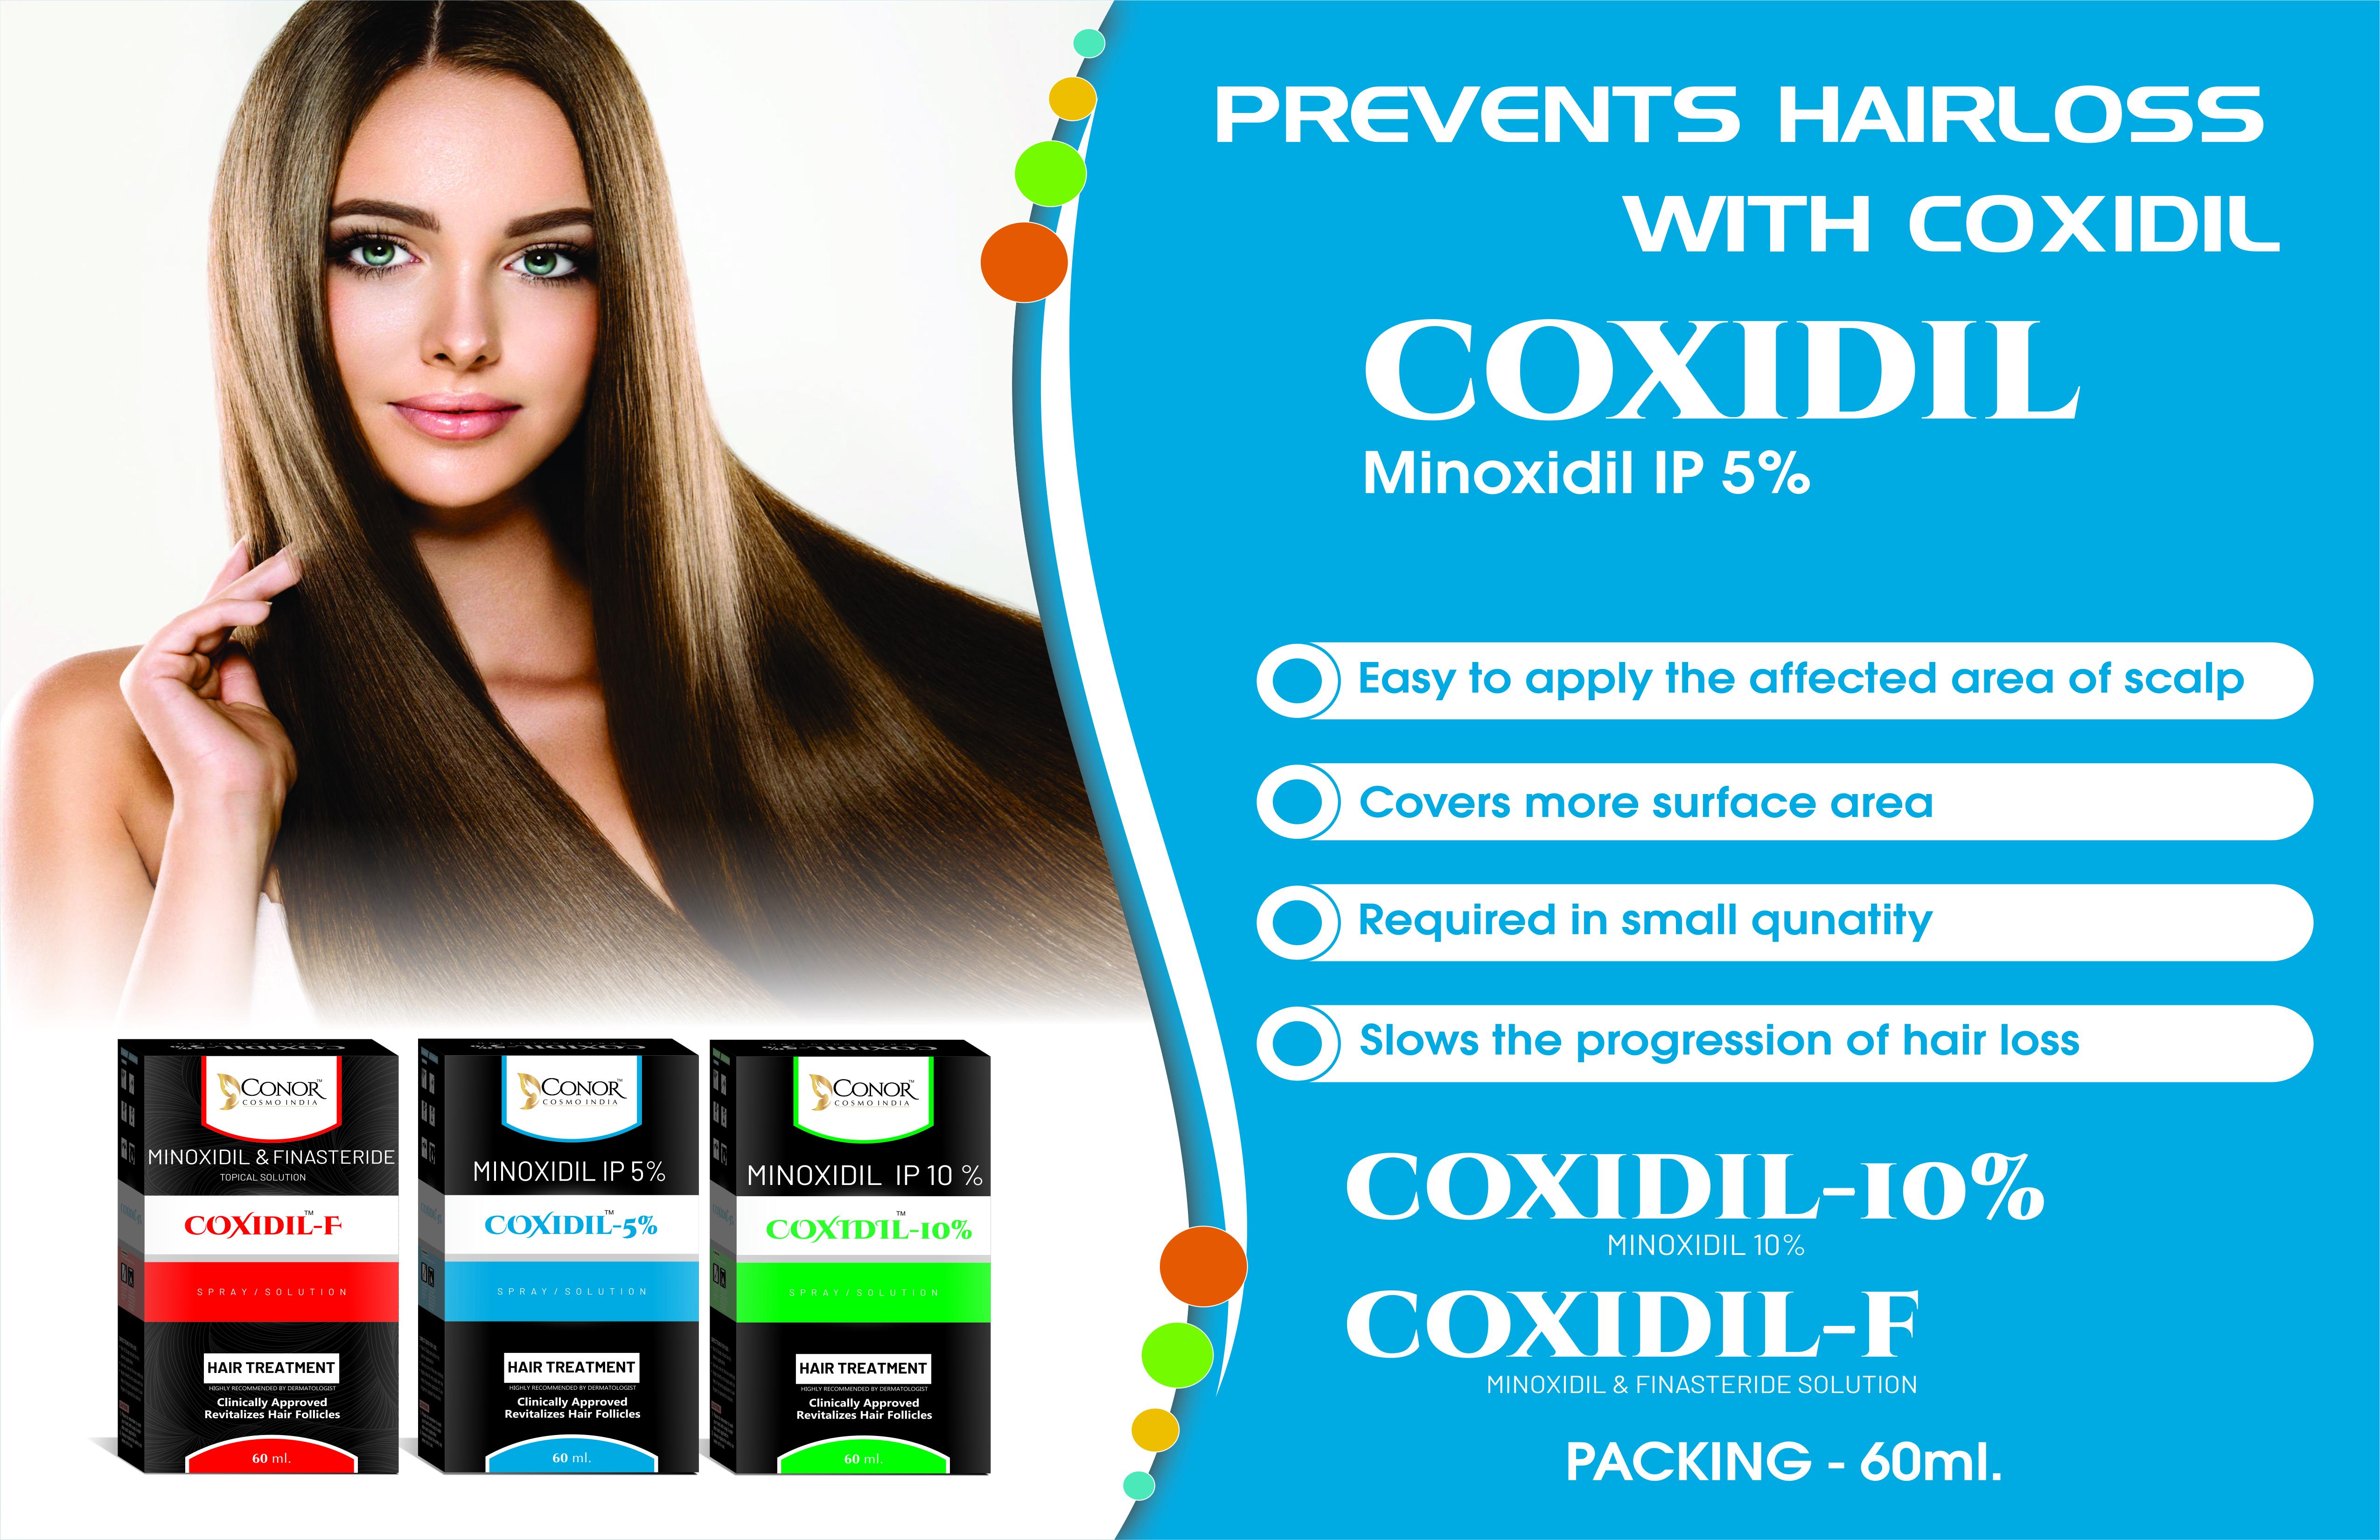 Coxidil 10%